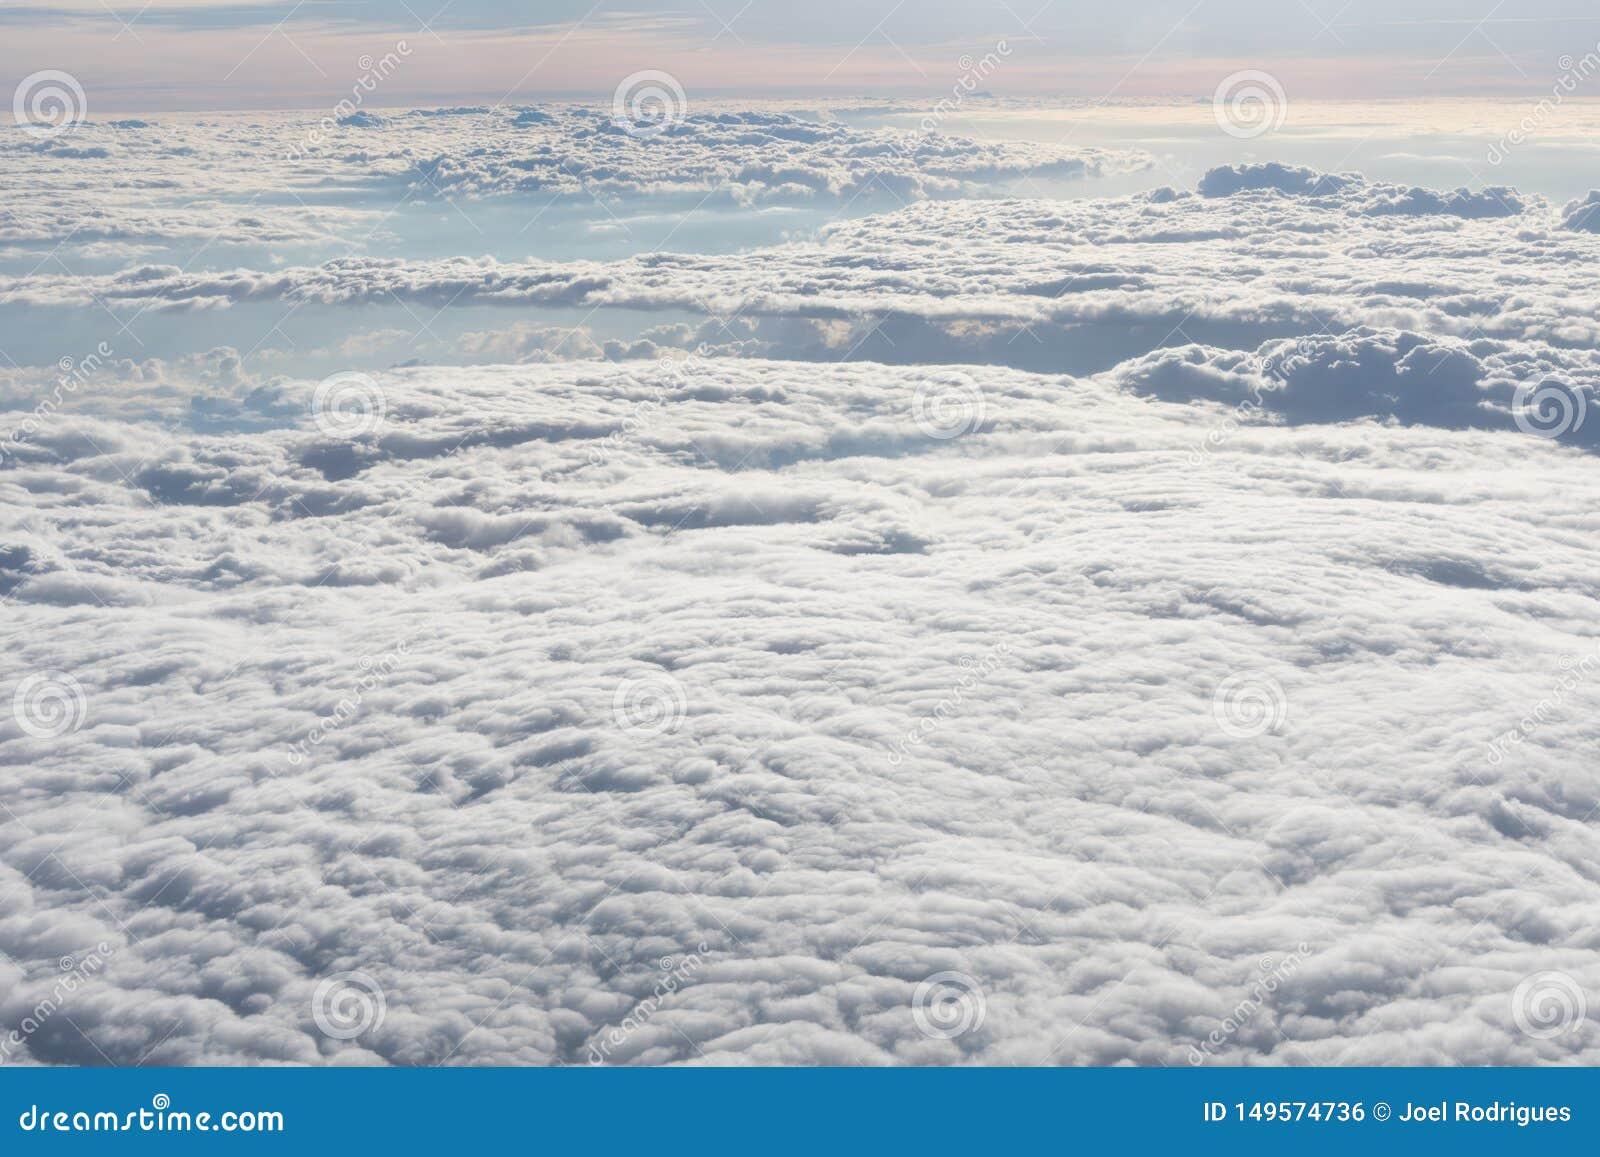 Endloses Meer von weißen Wolken